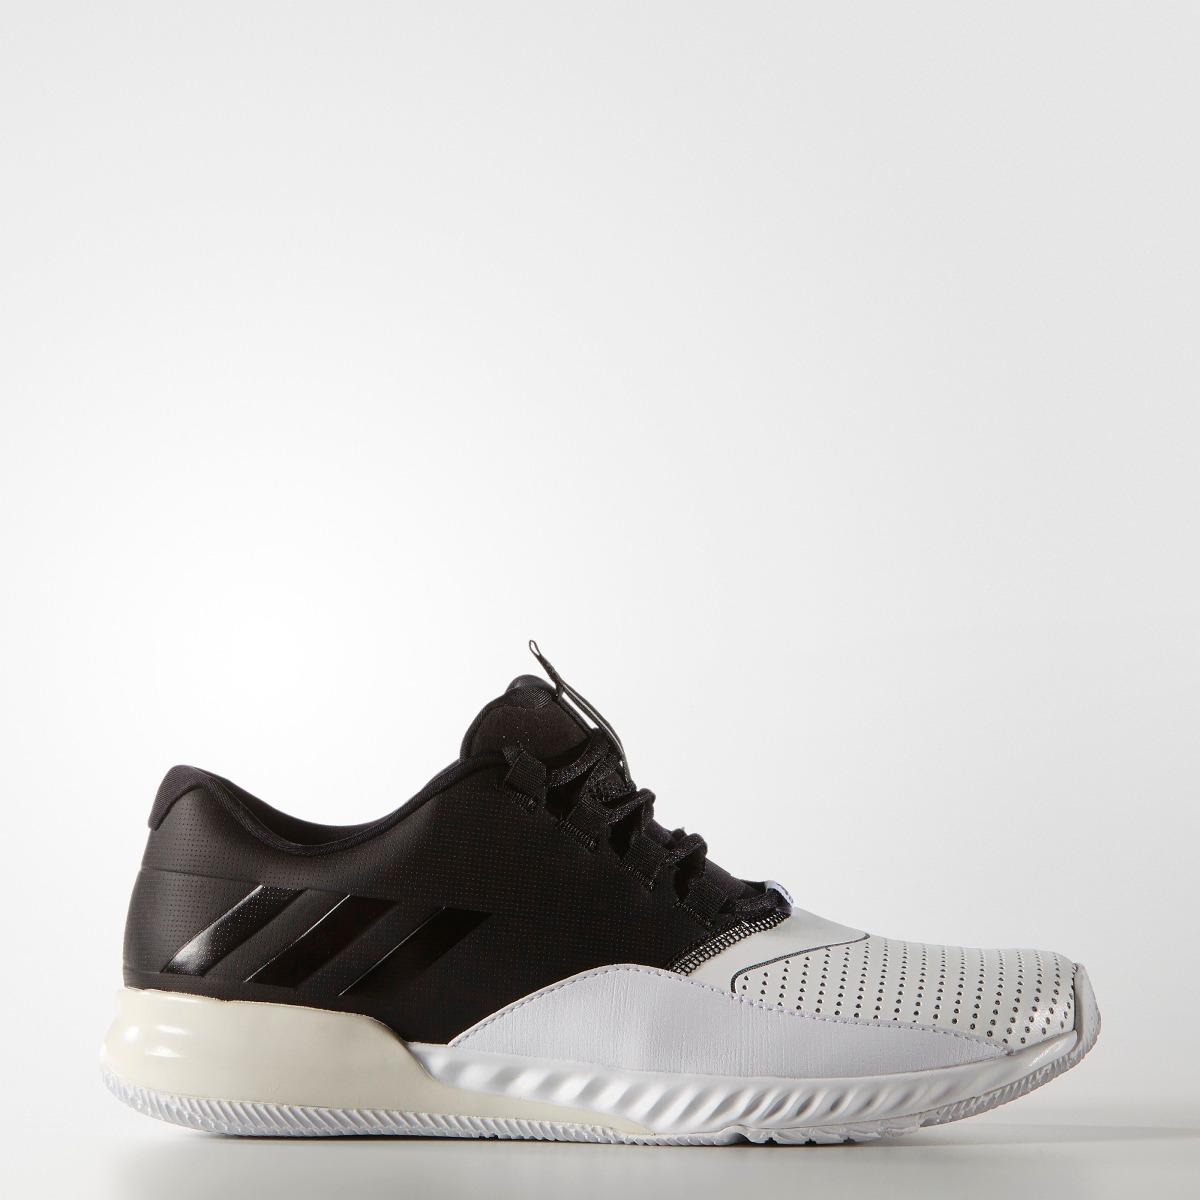 892df8ec4633a zapatillas adidas crazy move bounce m-sagat deportes-oferta! Cargando zoom.